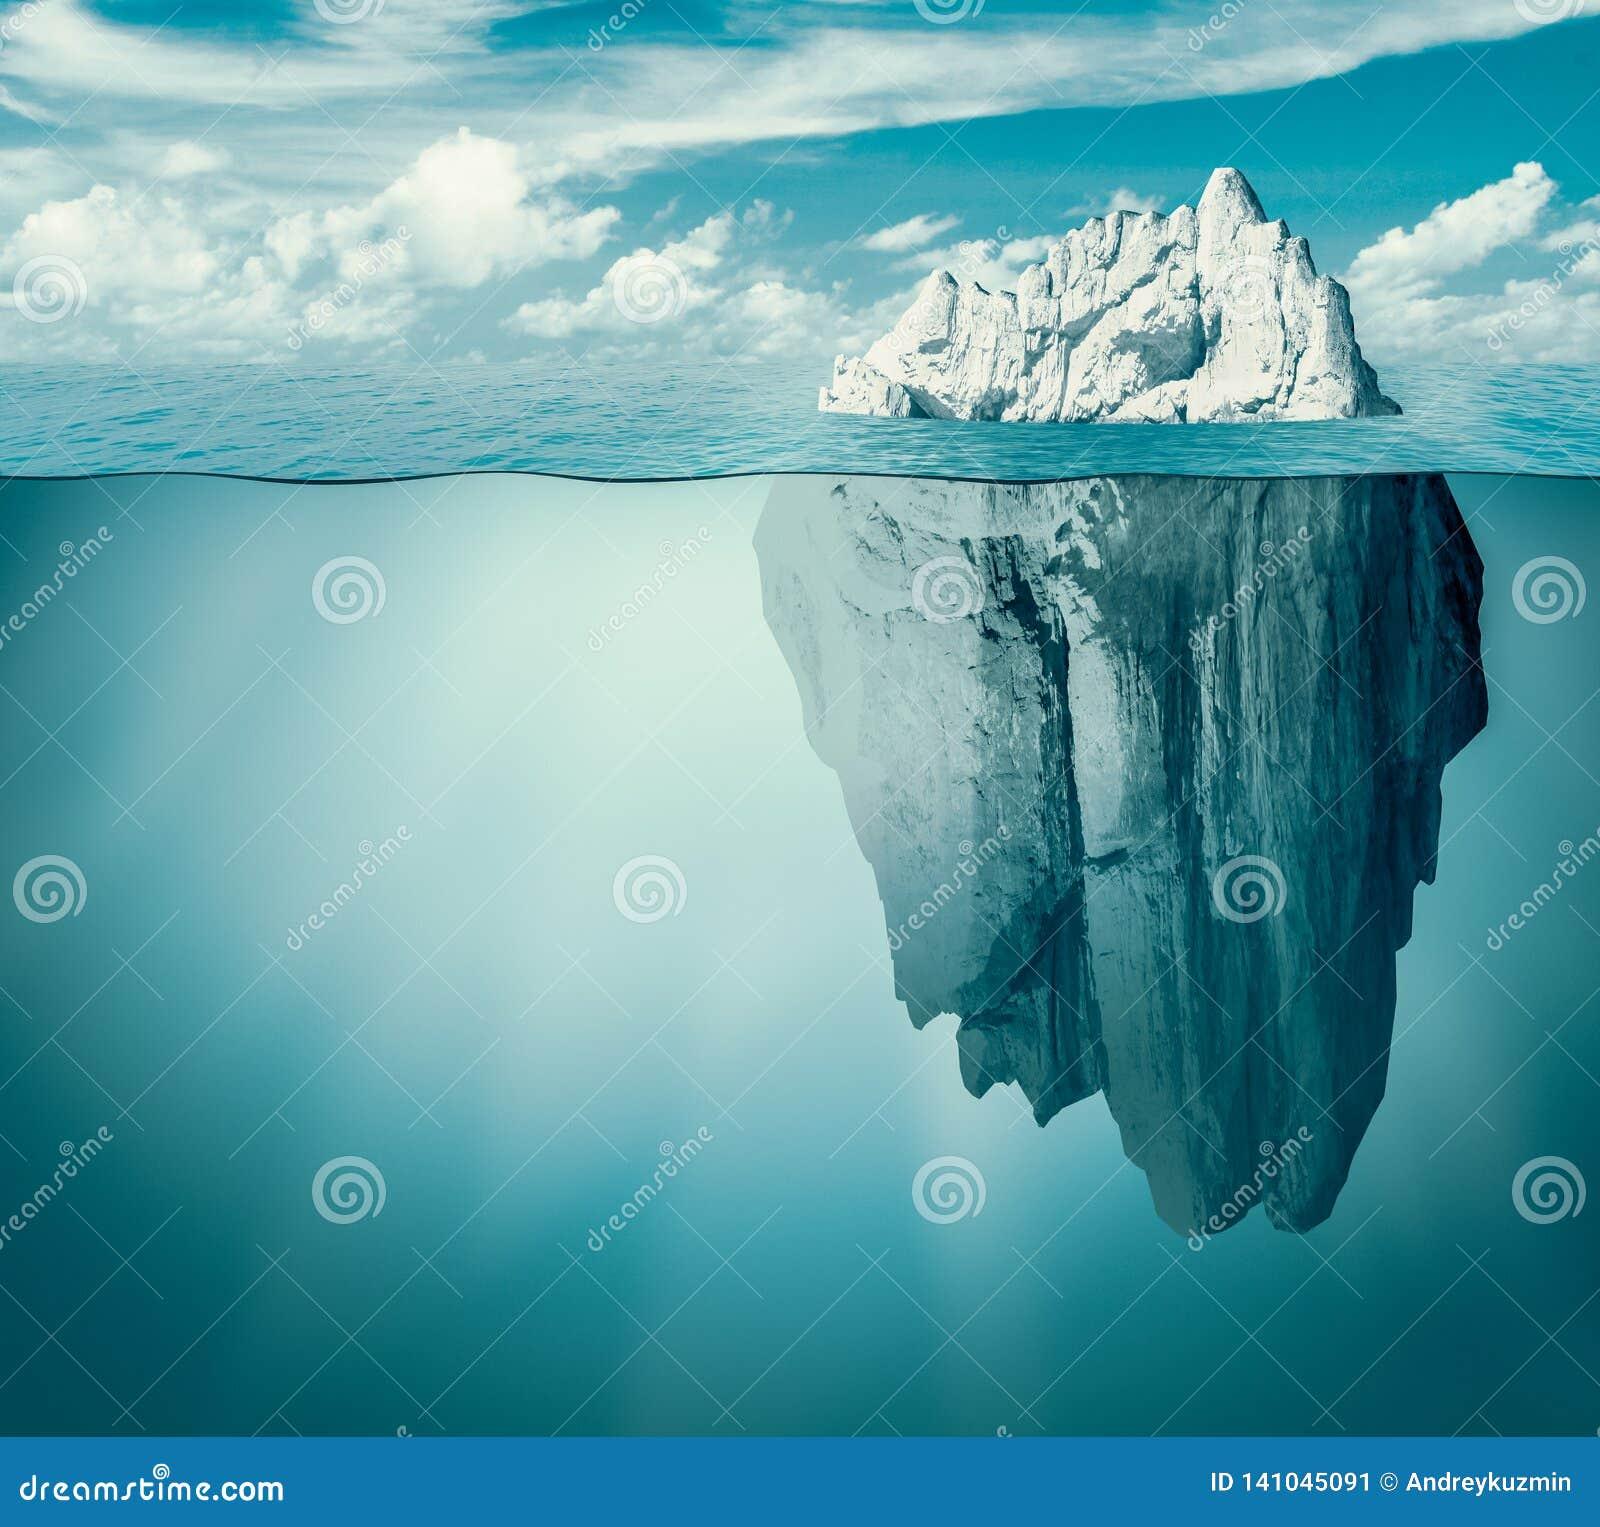 Góra lodowa w oceanie lub morzu Chowany zagrożenie lub niebezpieczeństwa pojęcie ilustracja 3 d